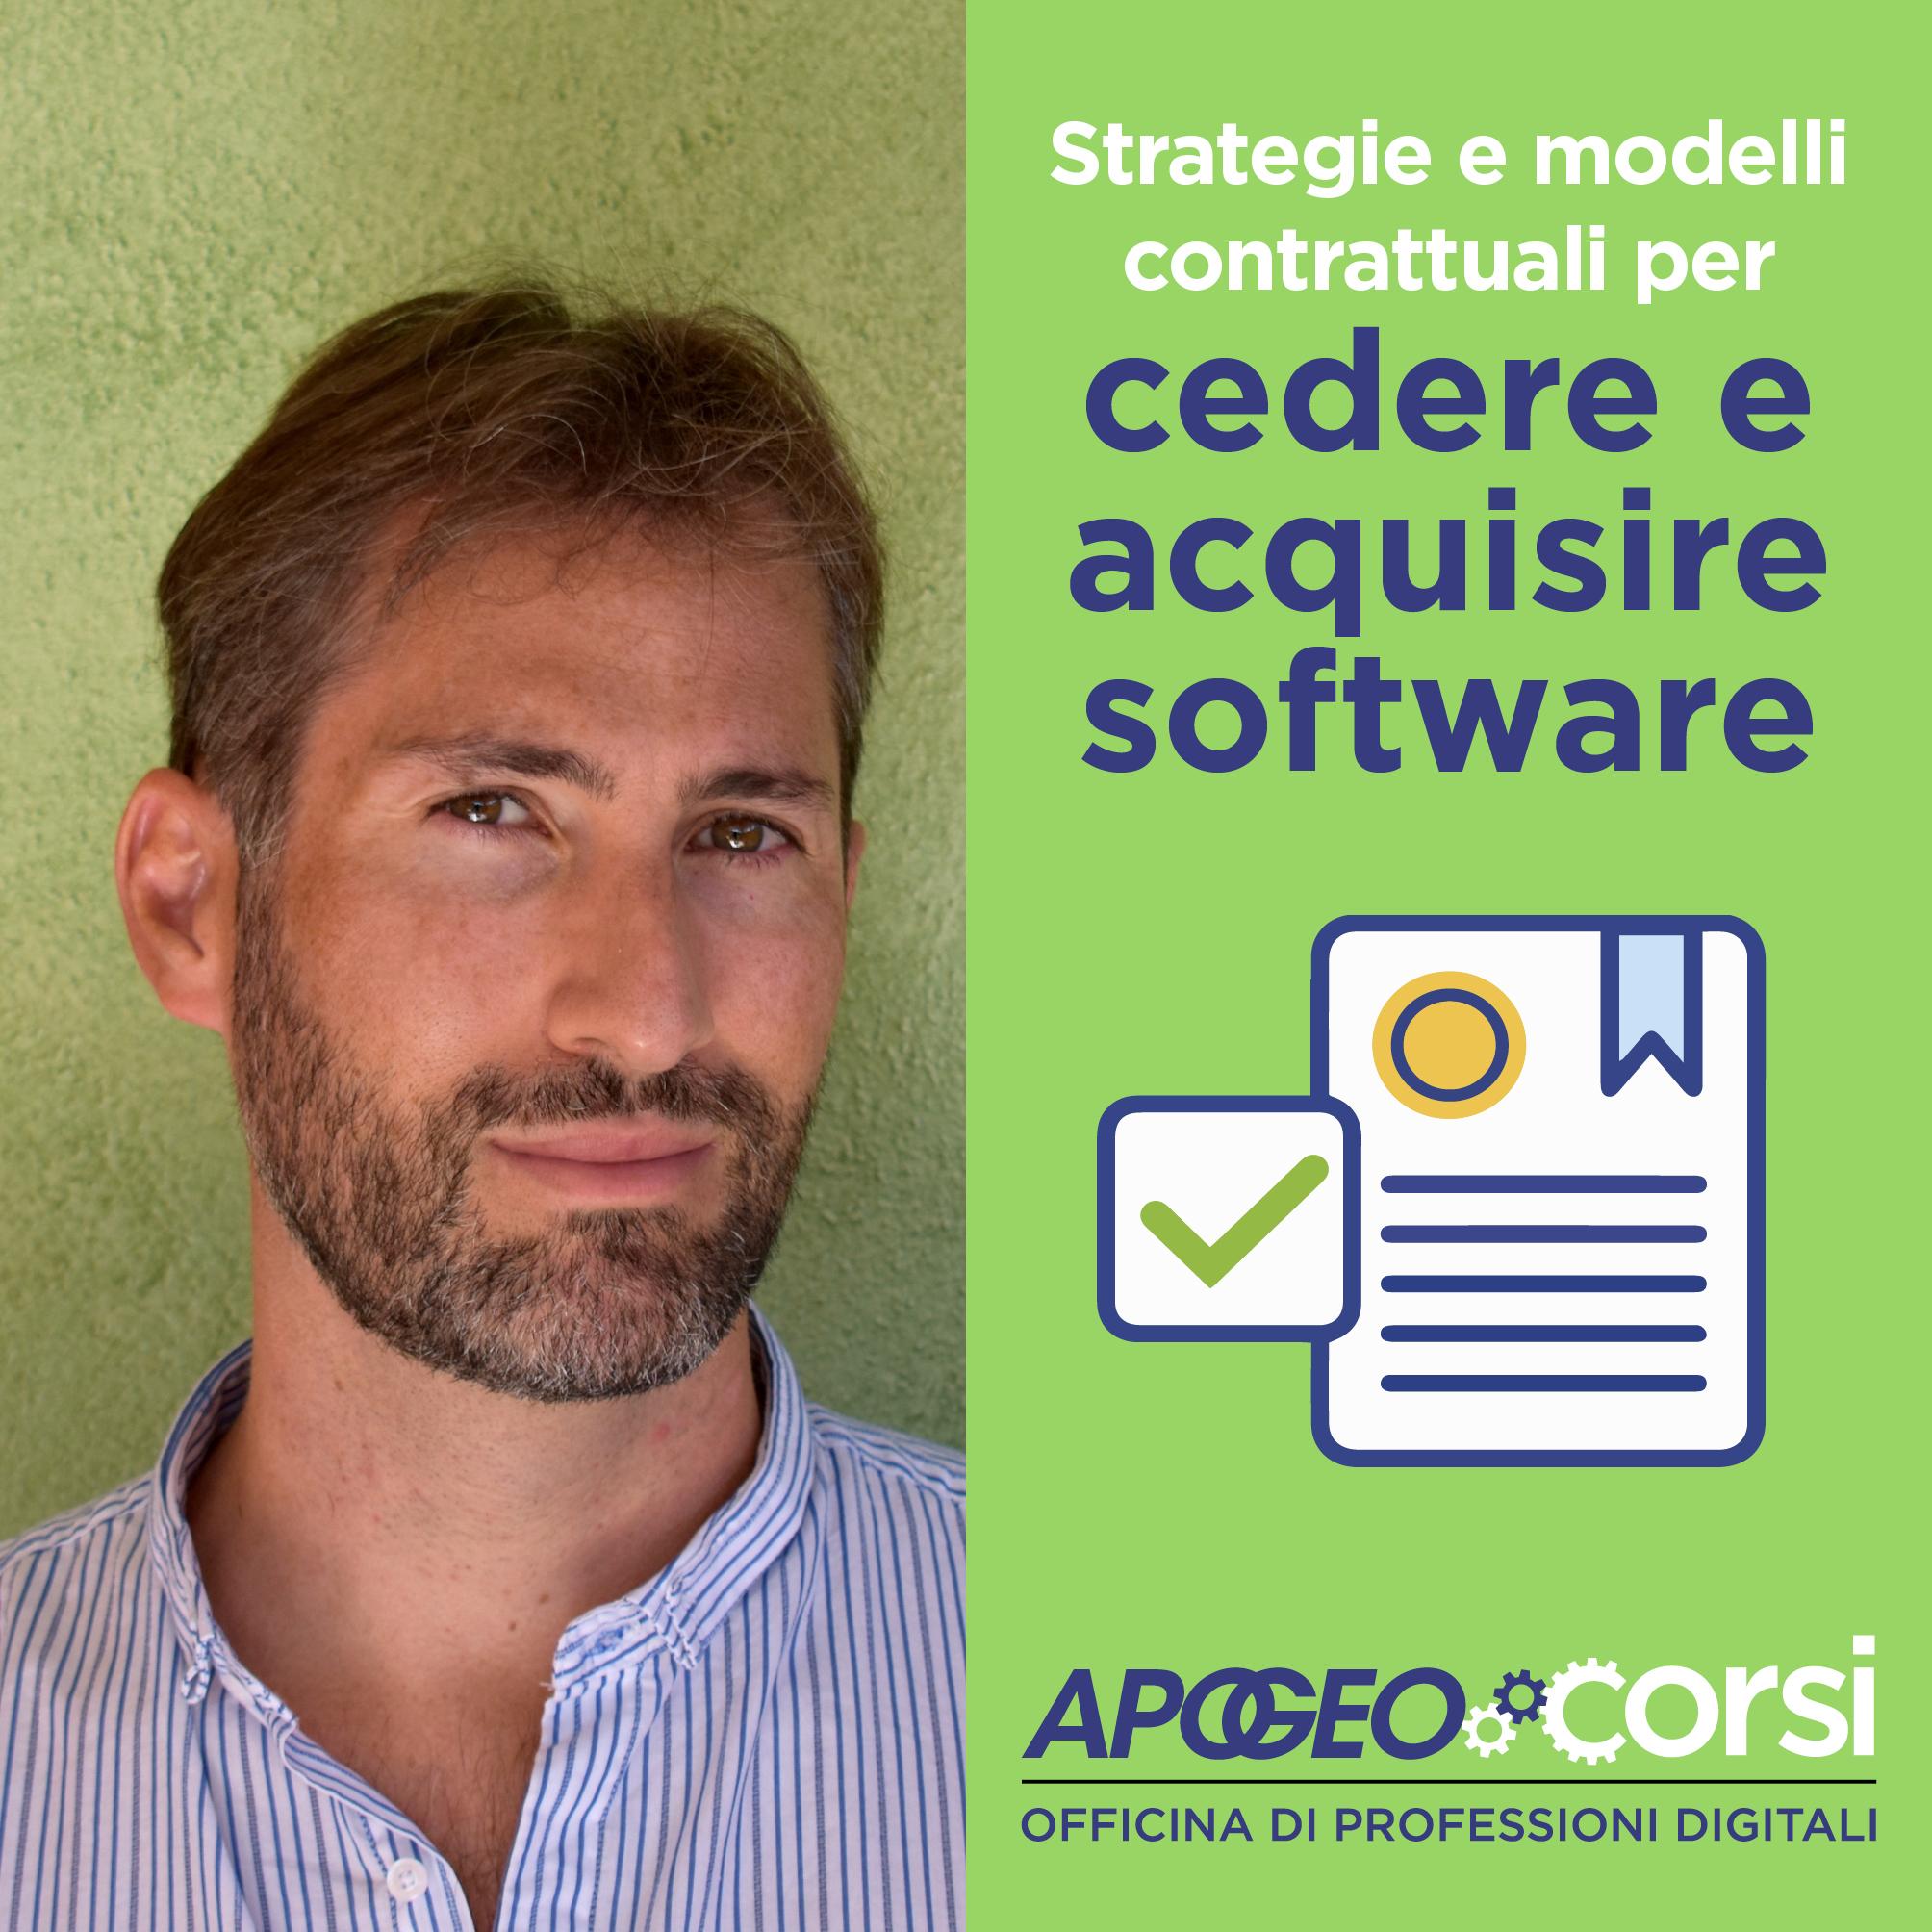 Strategie_e_modelli_contrattuali_per_cedere_e_acquisire_software-simone-aliprandi-cover